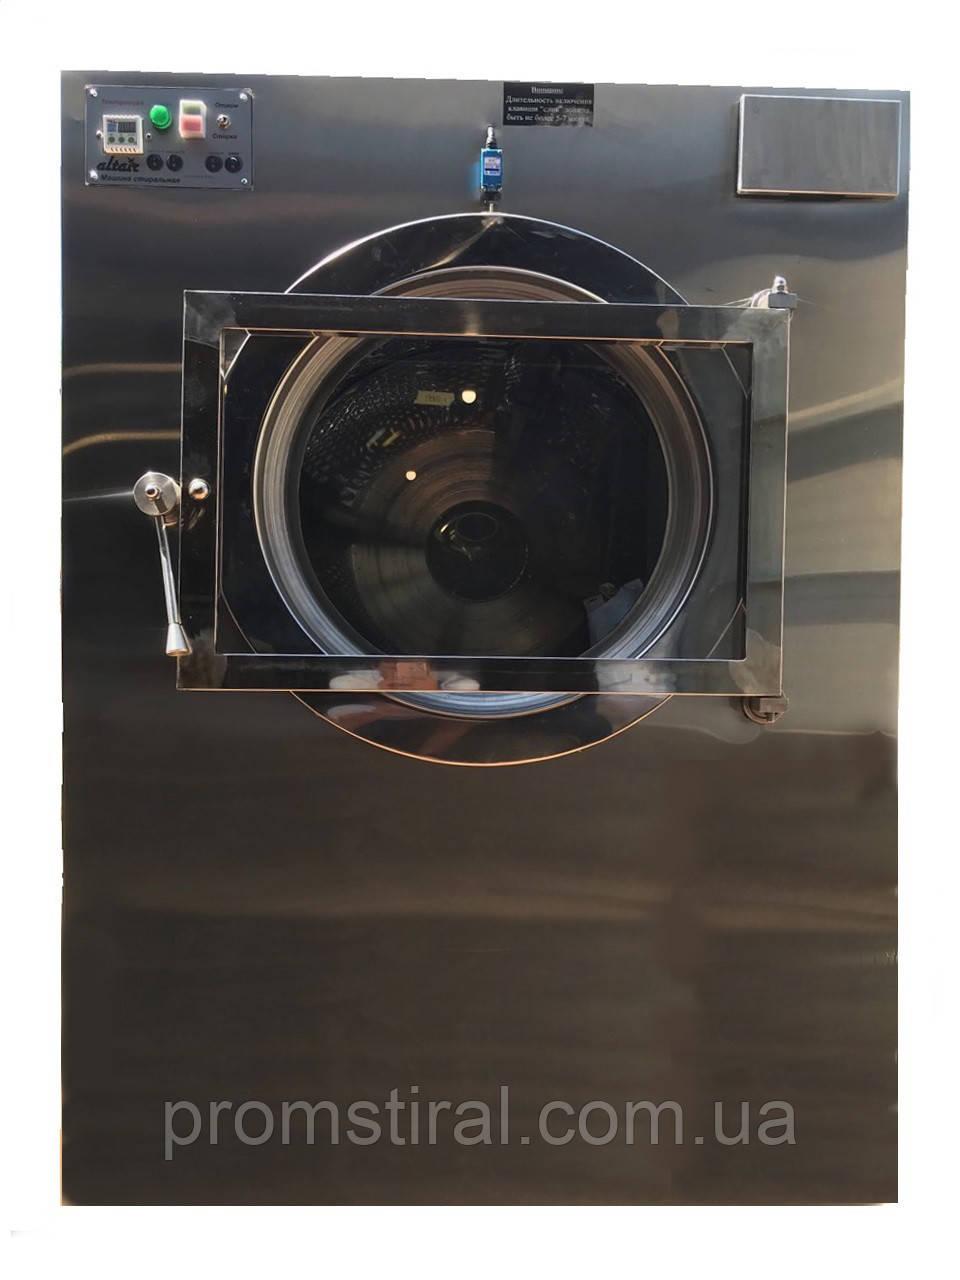 Промышленная стиральная машина СМ-А-50Э (н/ж, без отжима, с электрическим видом обогрева)